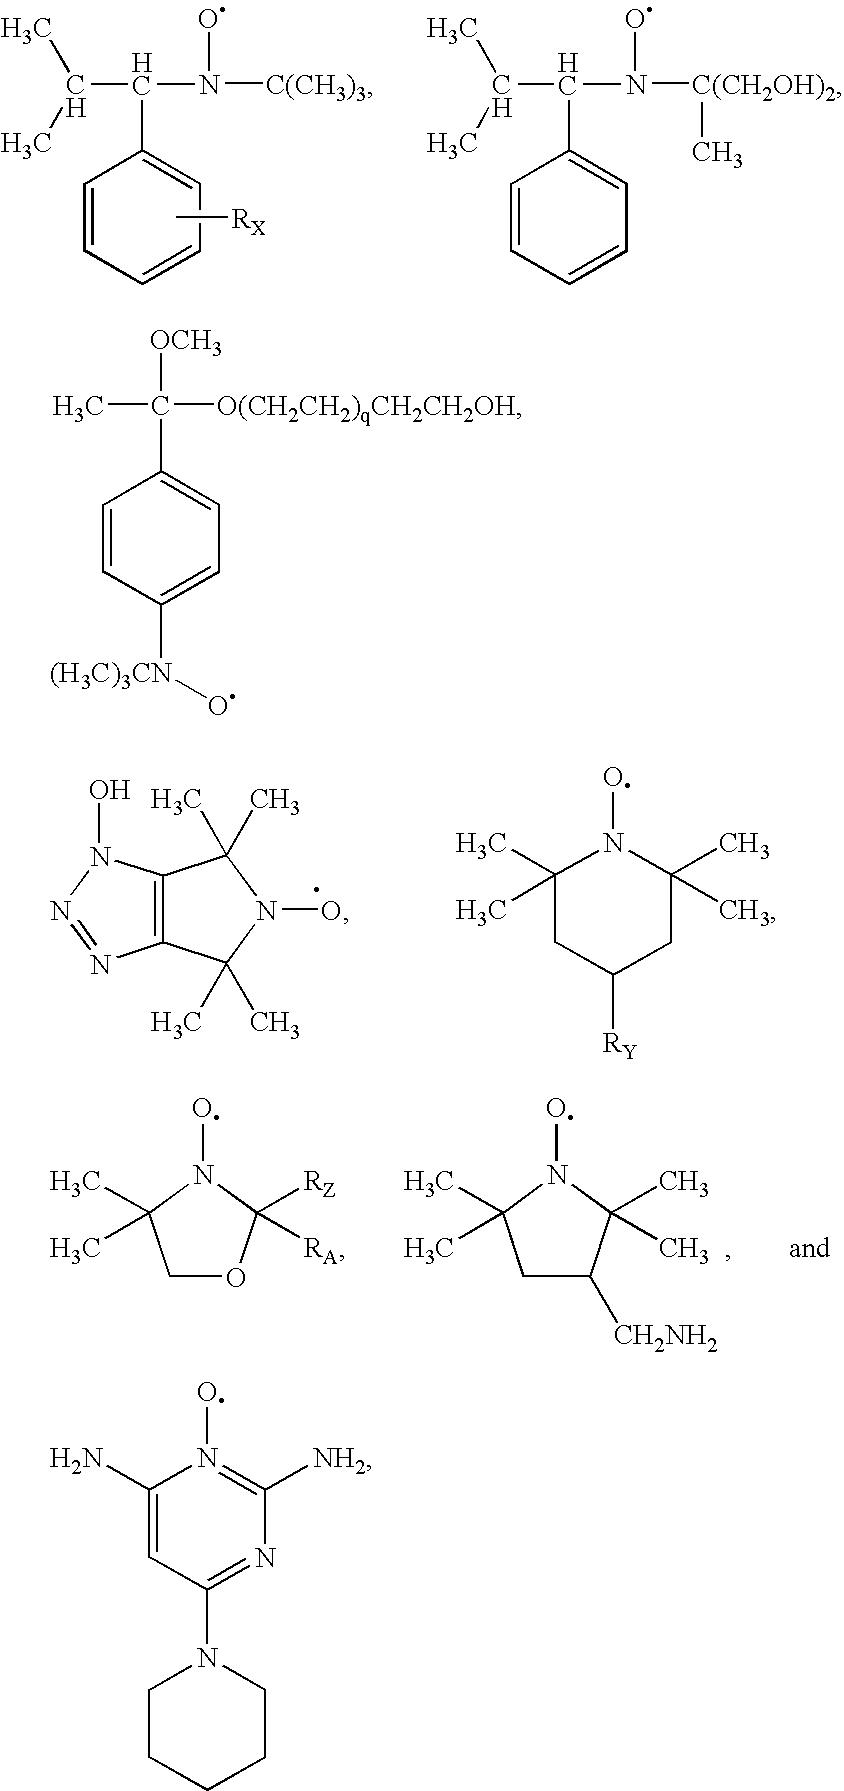 Figure US20080014245A1-20080117-C00011